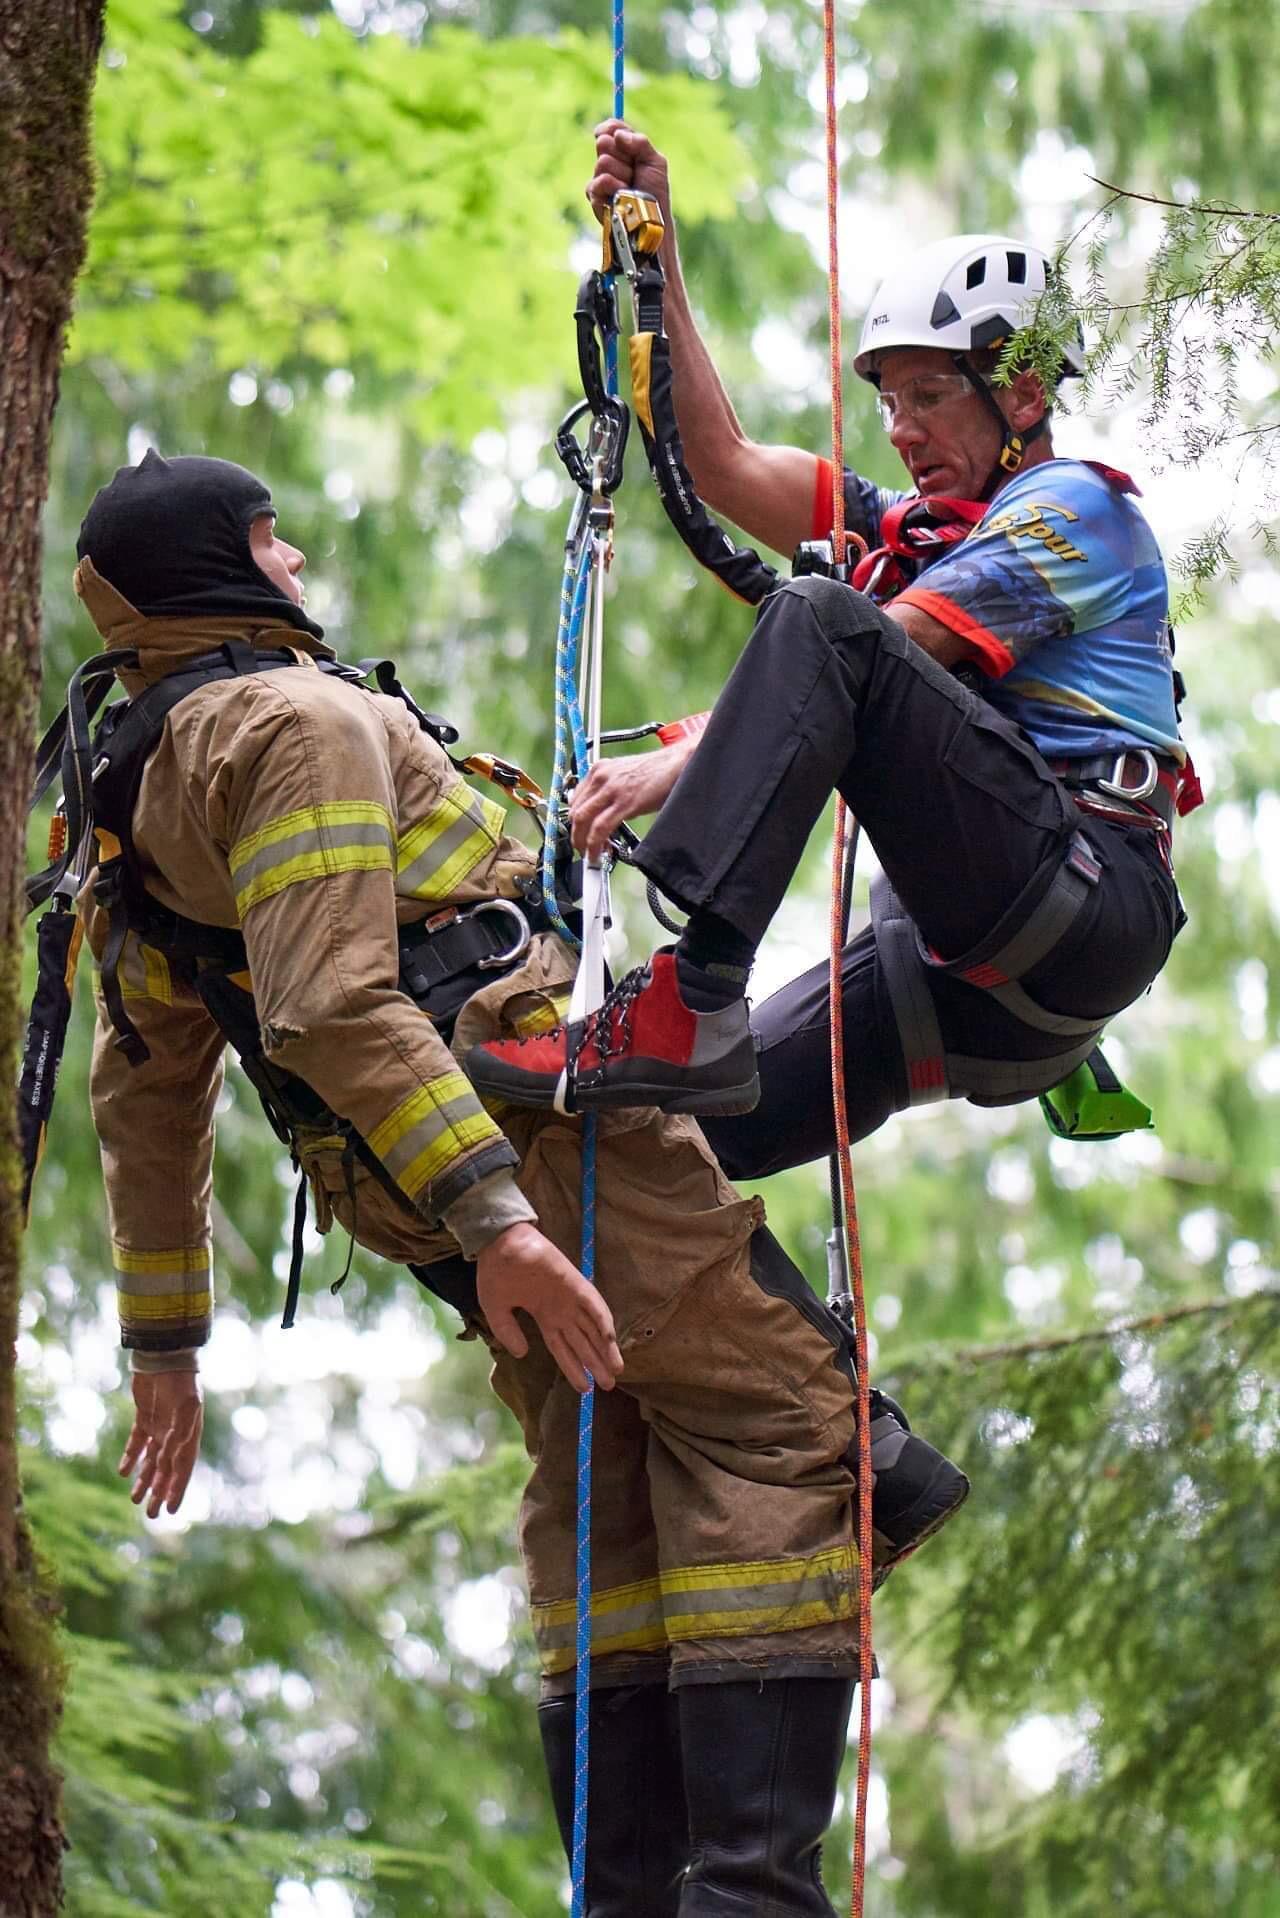 Aerial Rescue Photo